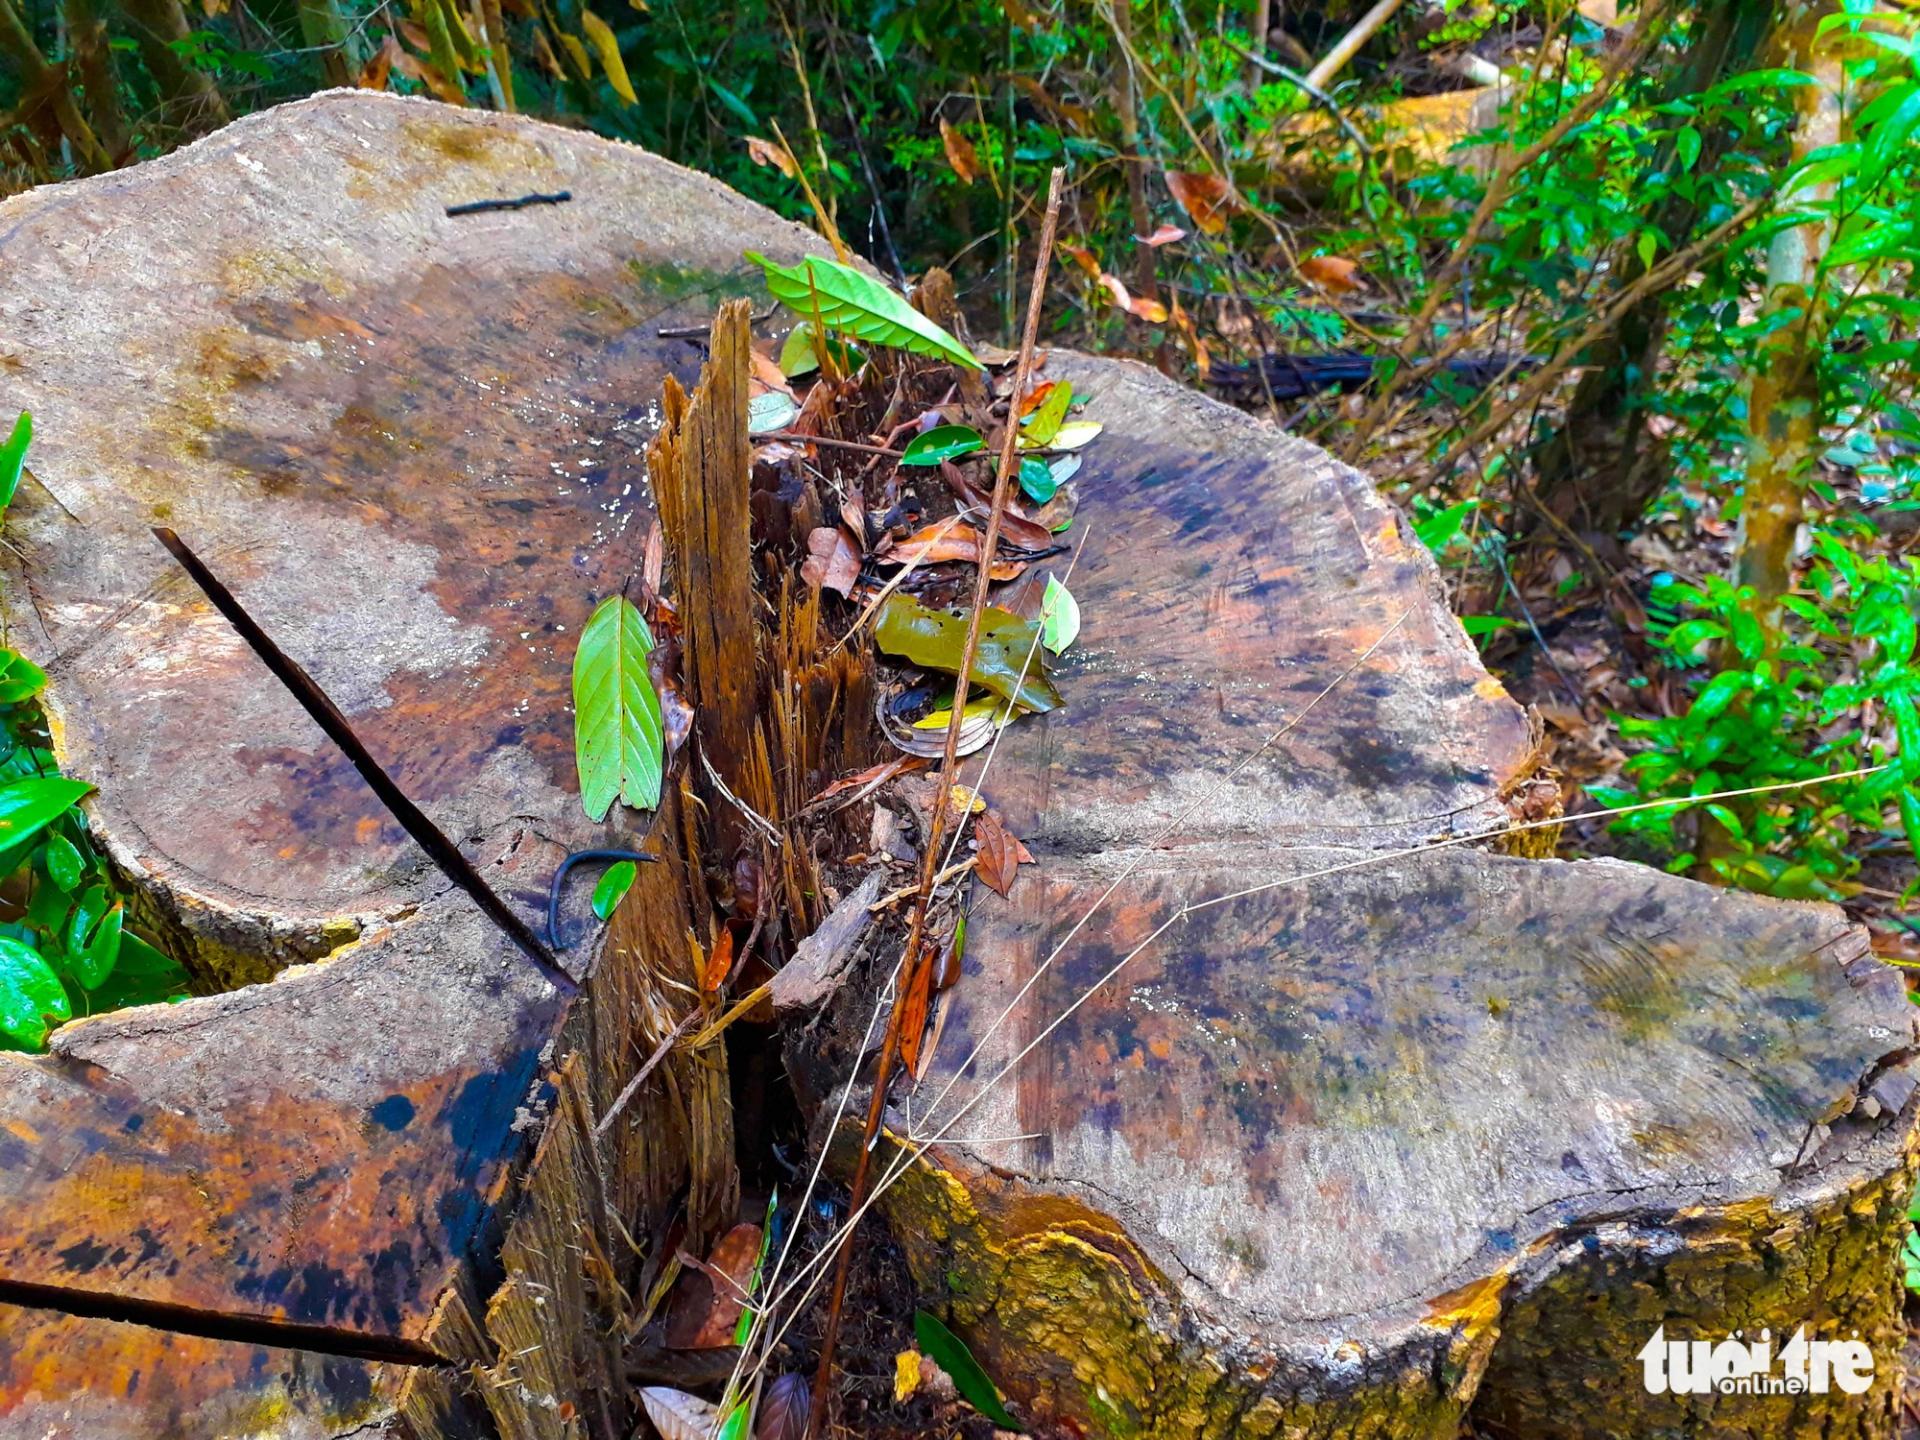 Tan nát rừng đầu nguồn: Cận cảnh rừng phòng hộ bị phá - Ảnh 6.